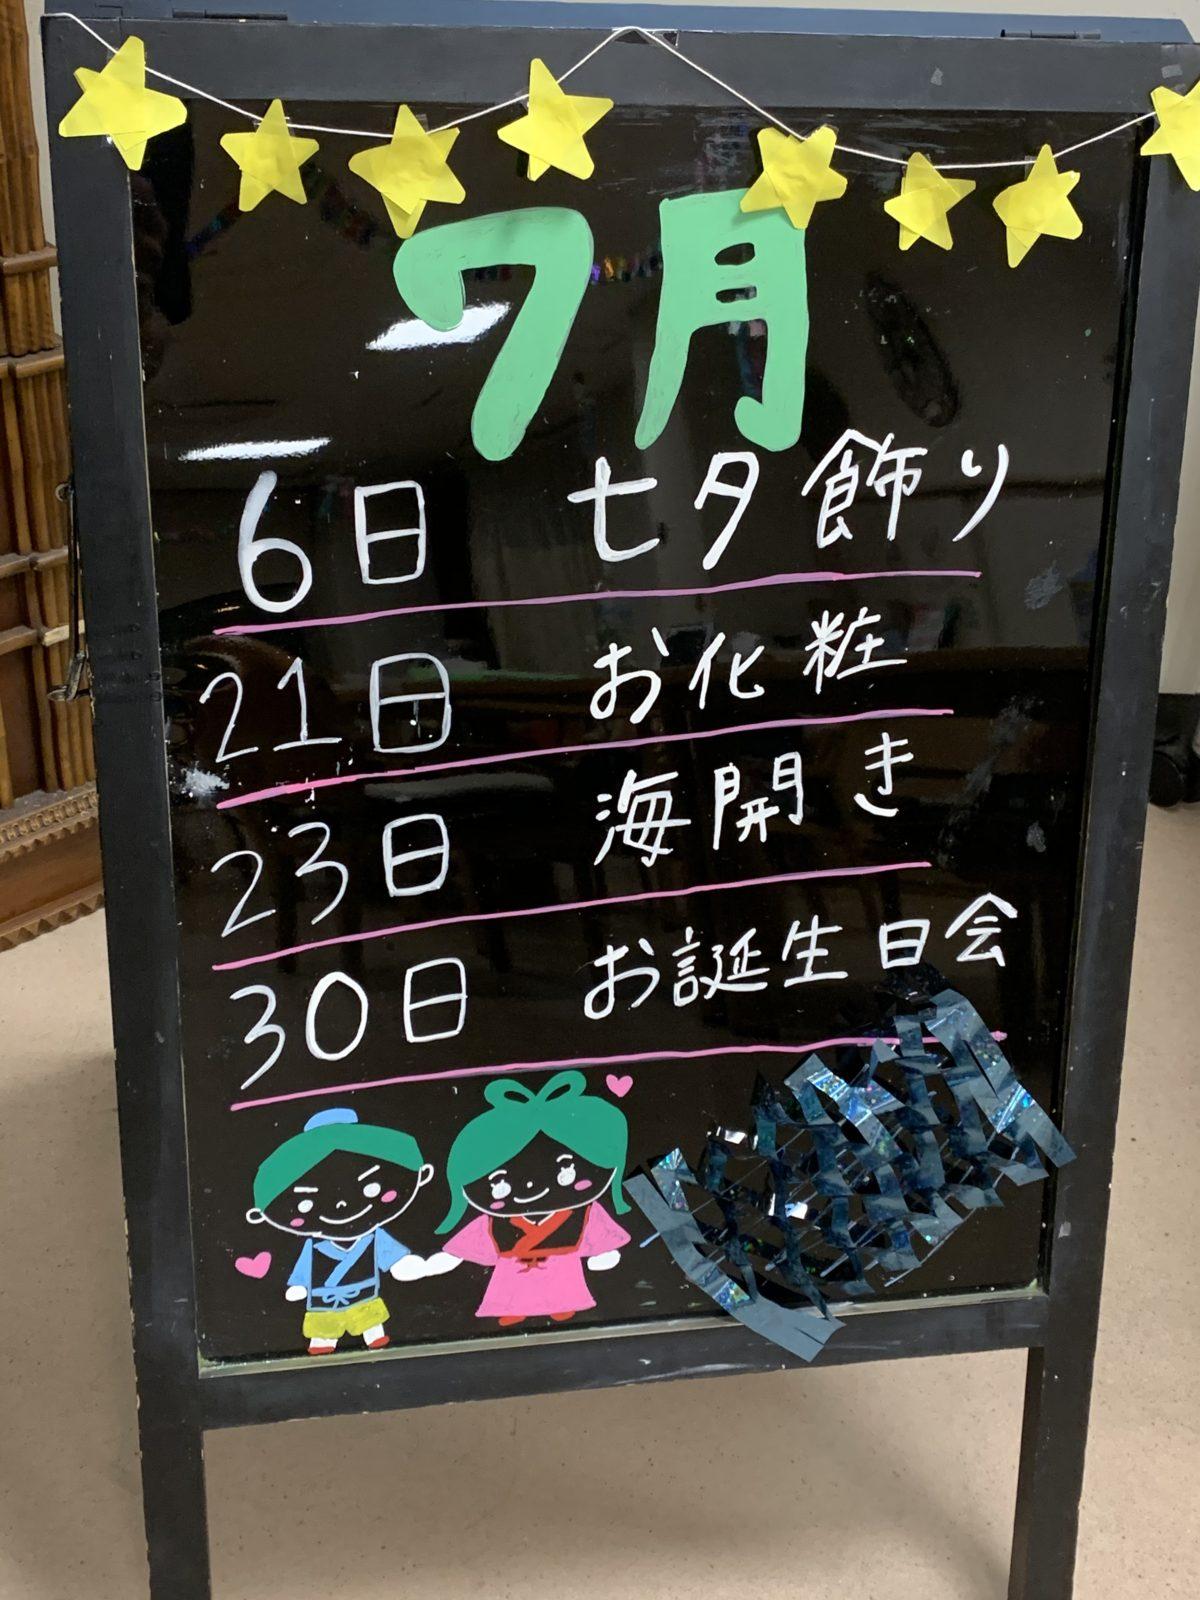 【長居公園】イベント日程変更のお知らせ